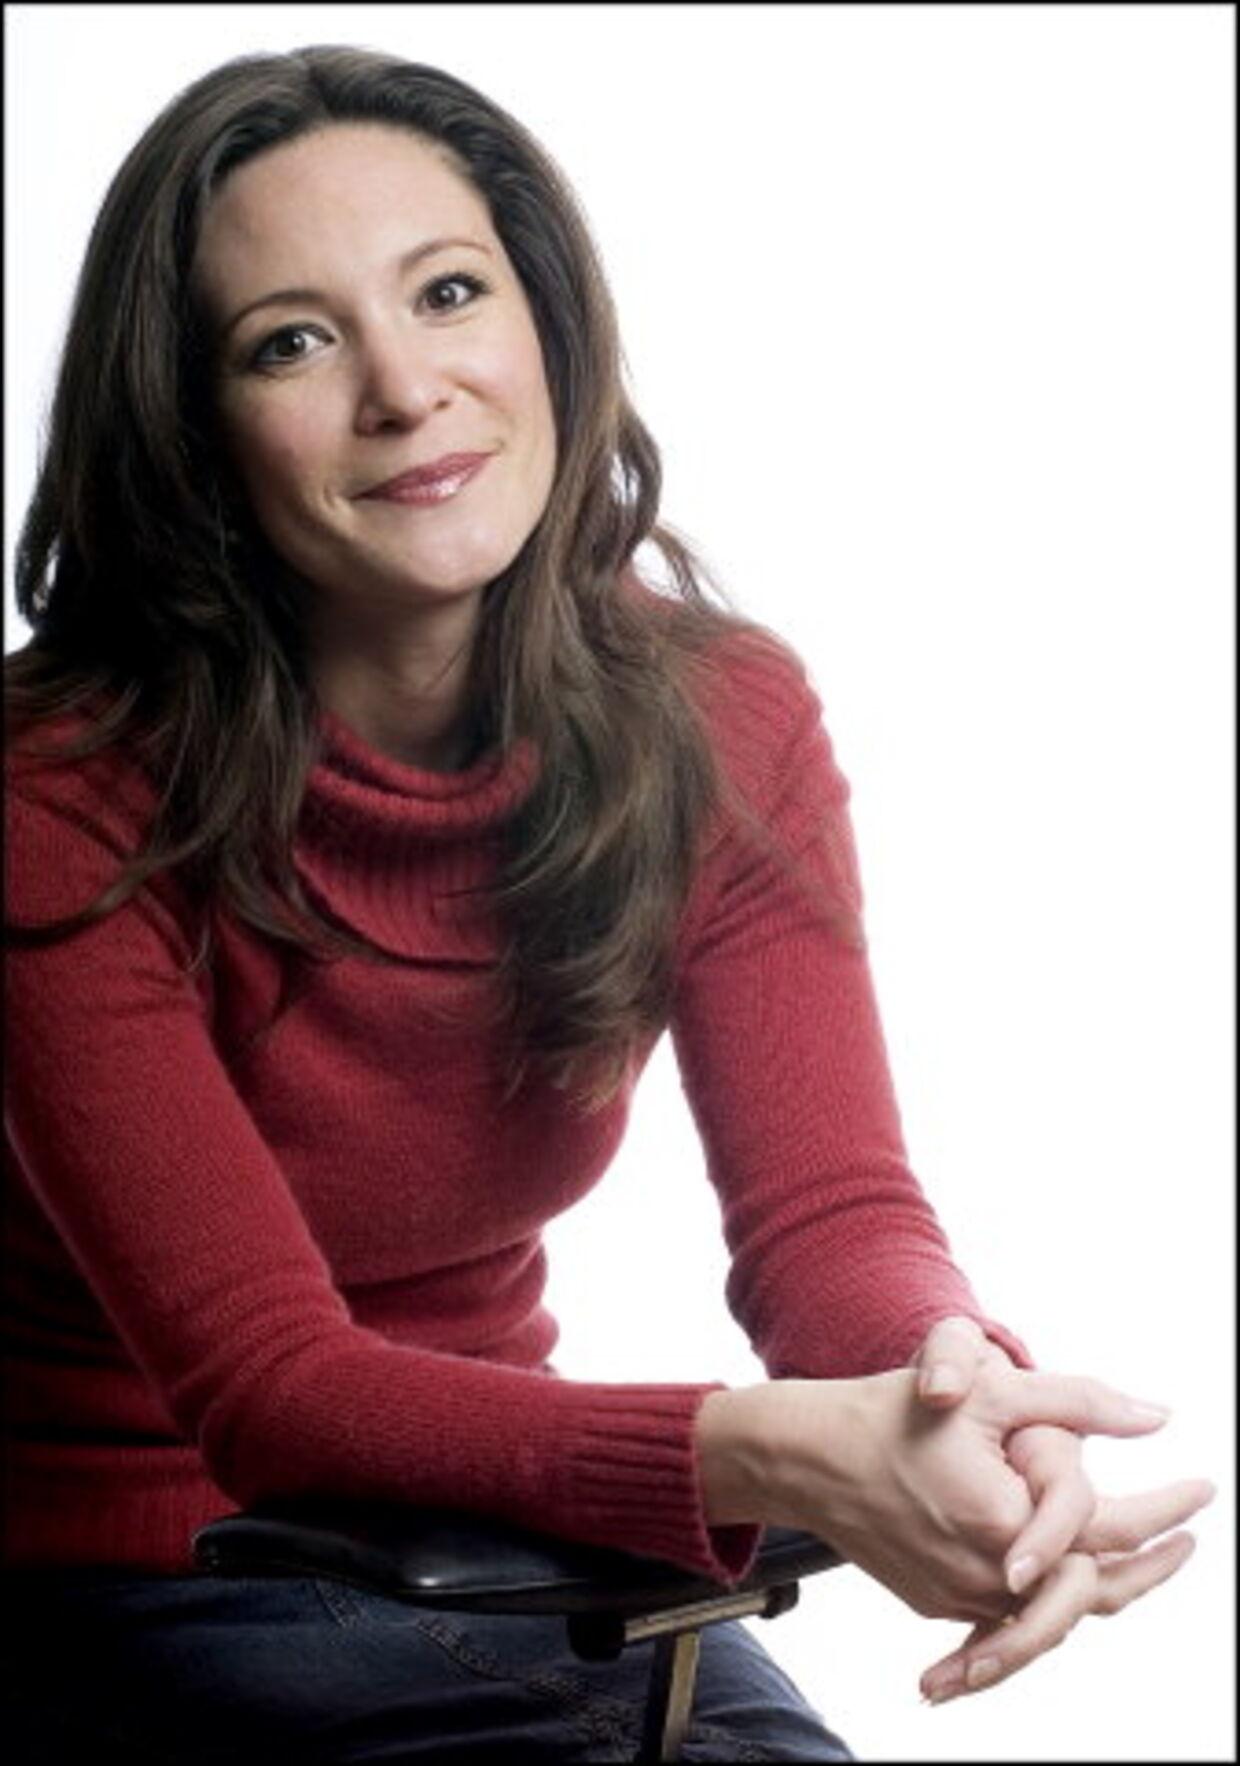 Paula Larrain, tidligere tv-babe, har valgt de mest romantiske rammer for brylluppet med Mads Holger.